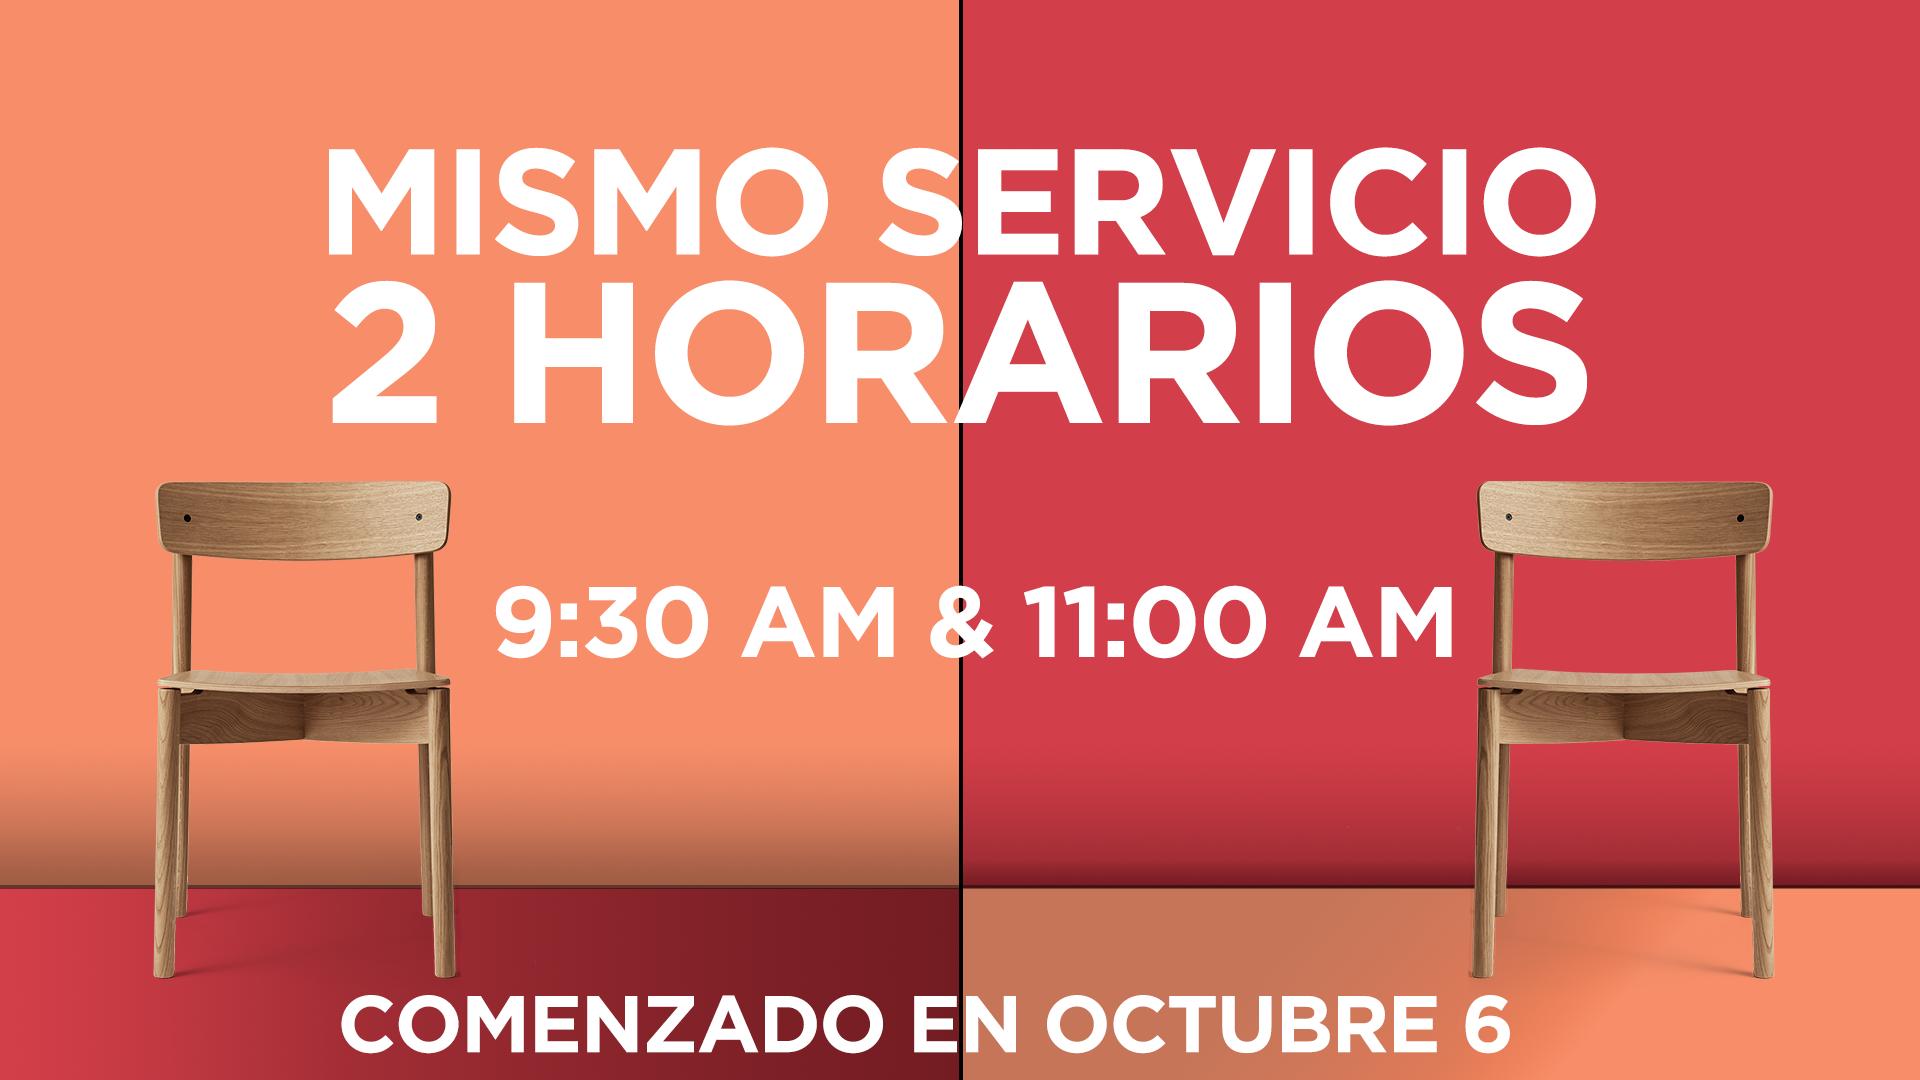 mismo servicio 2 horarios slide.png